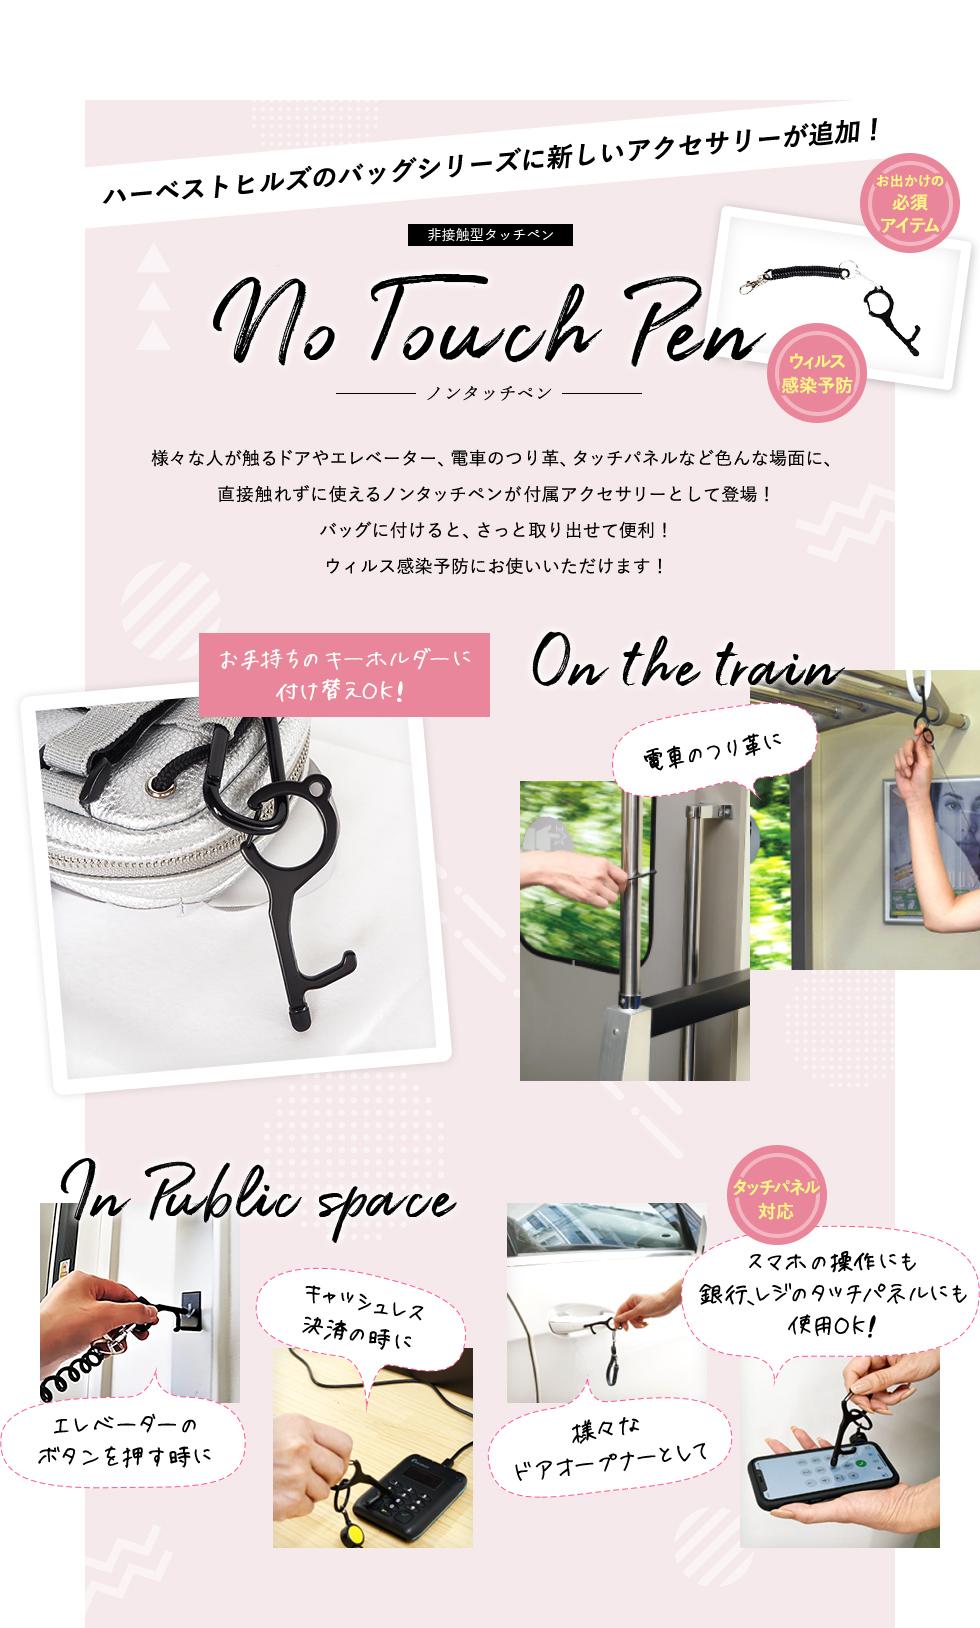 ハーベストヒルズのバッグシリーズに新しいアクセサリーが追加!非接触型タッチペン No Touch Pen